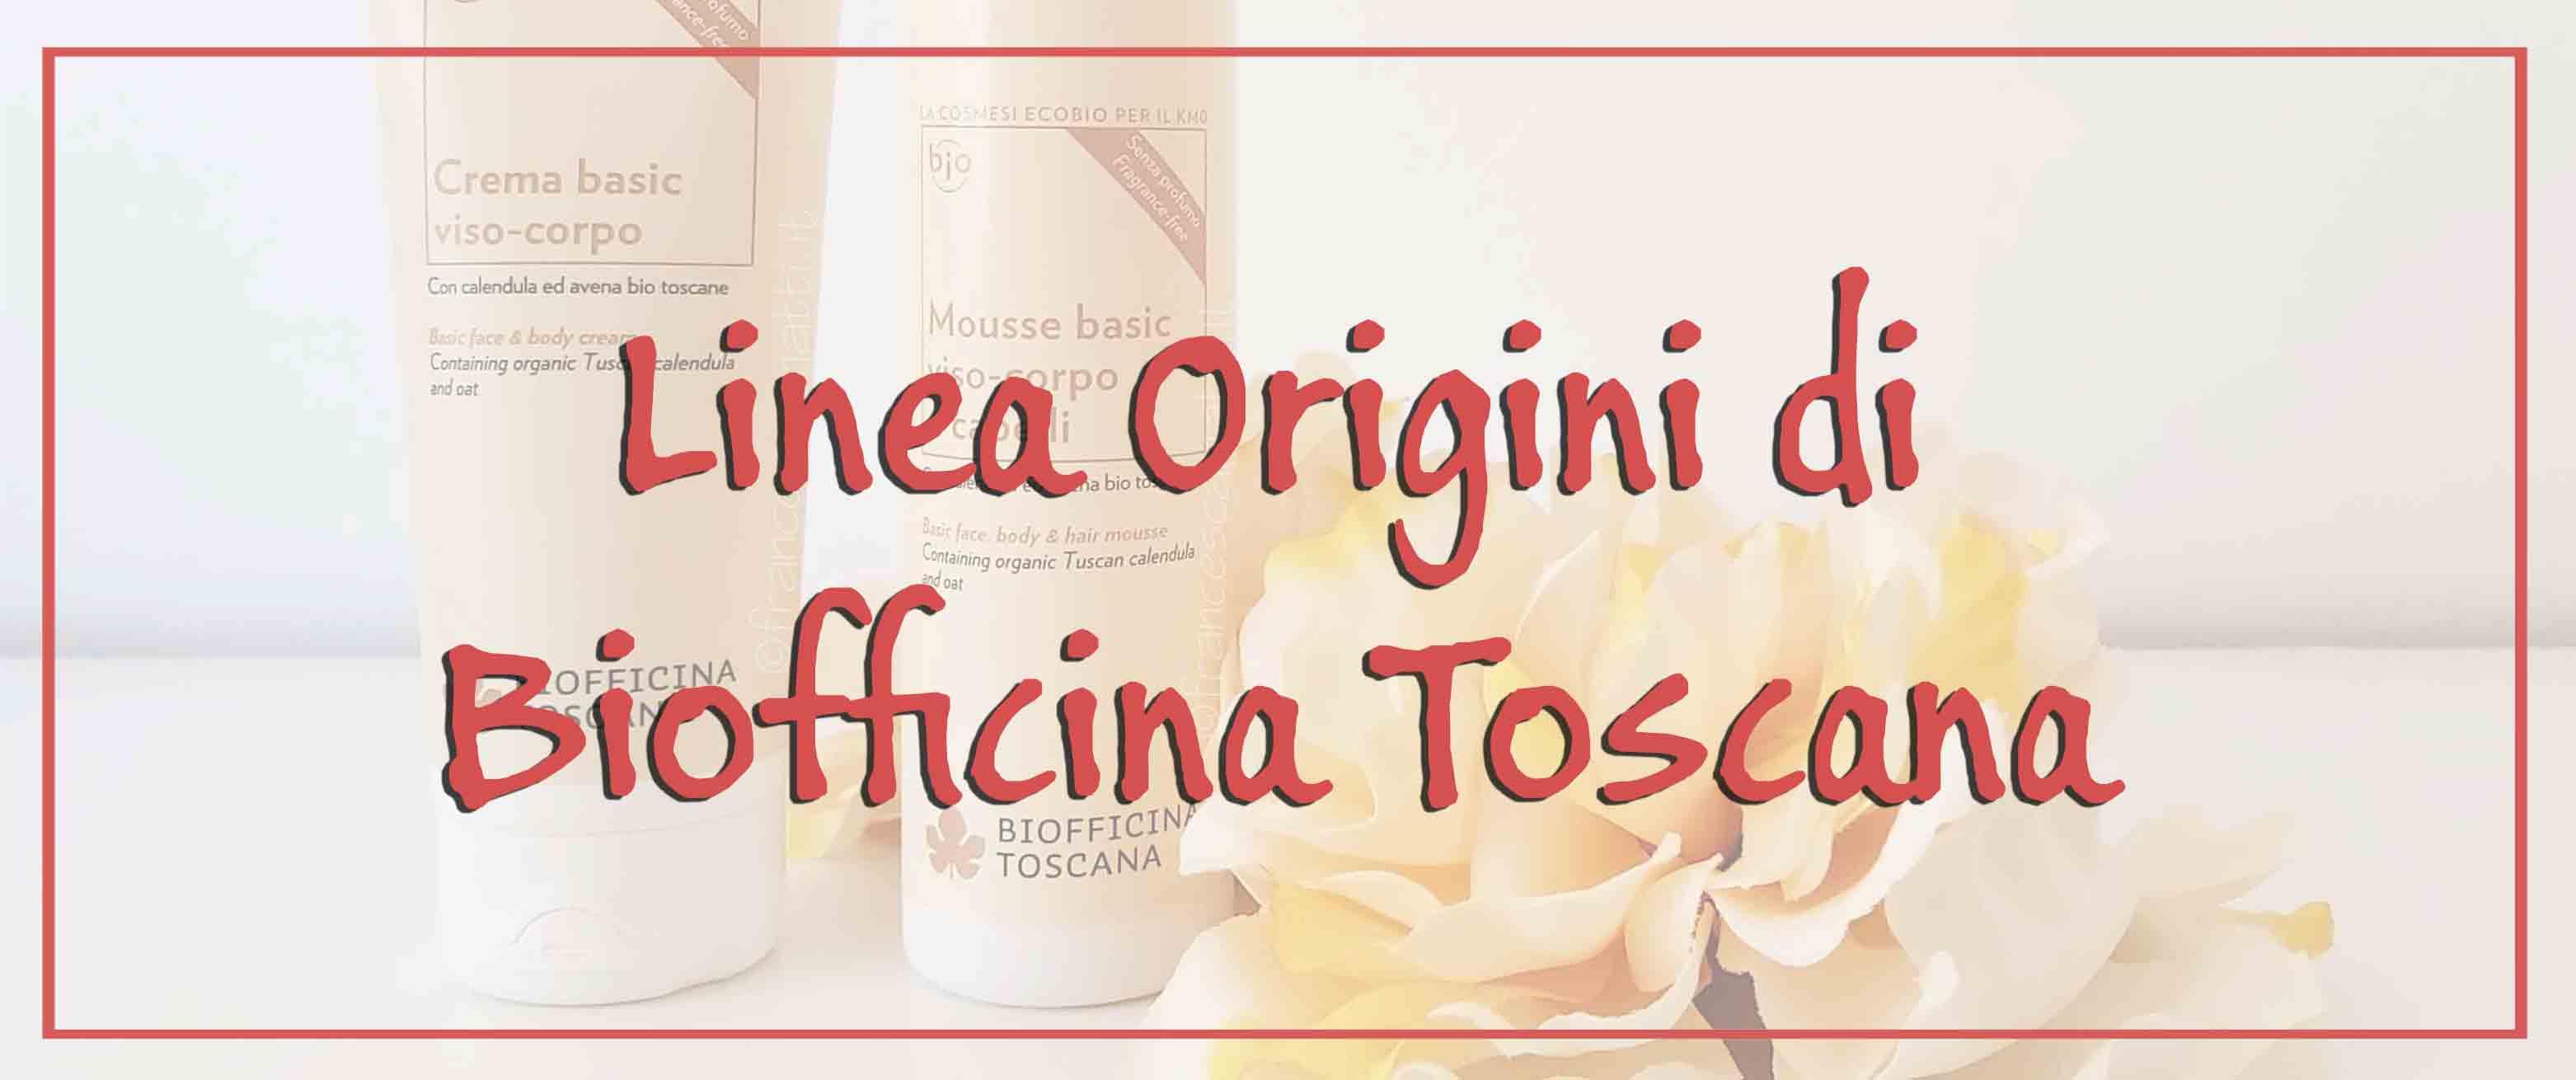 Recensione della Linea Origini di Biofficina Toscana